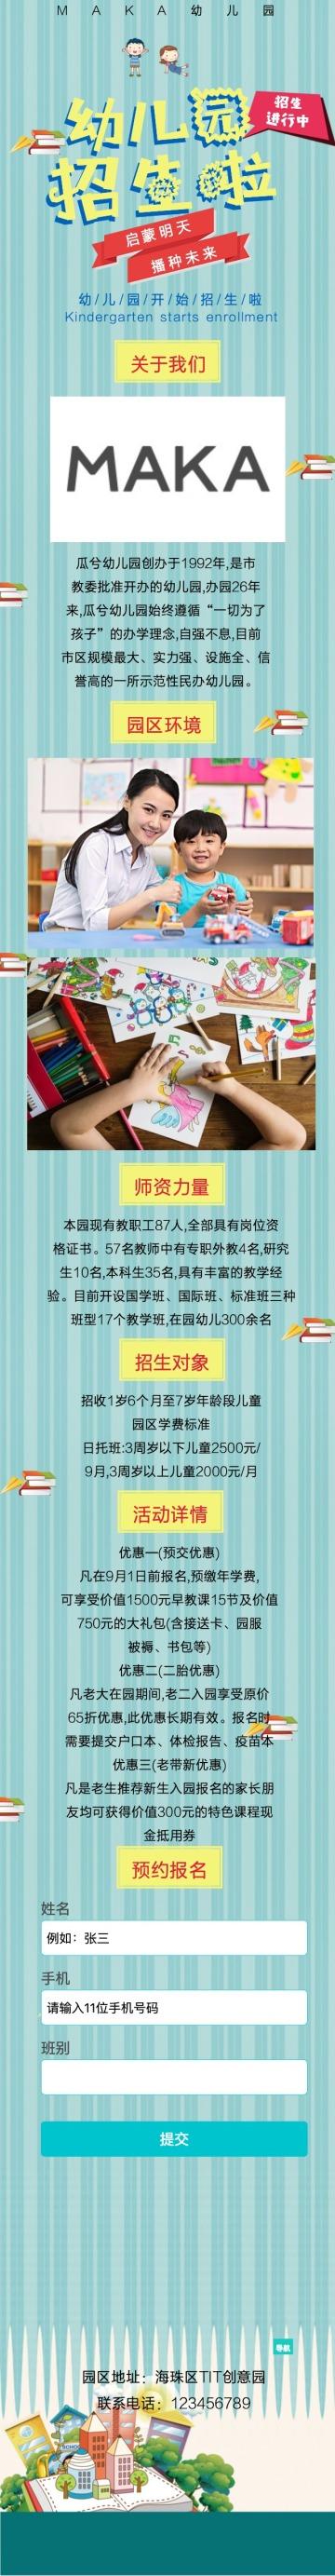 清新简约教育培训幼儿园招生介绍推广单页